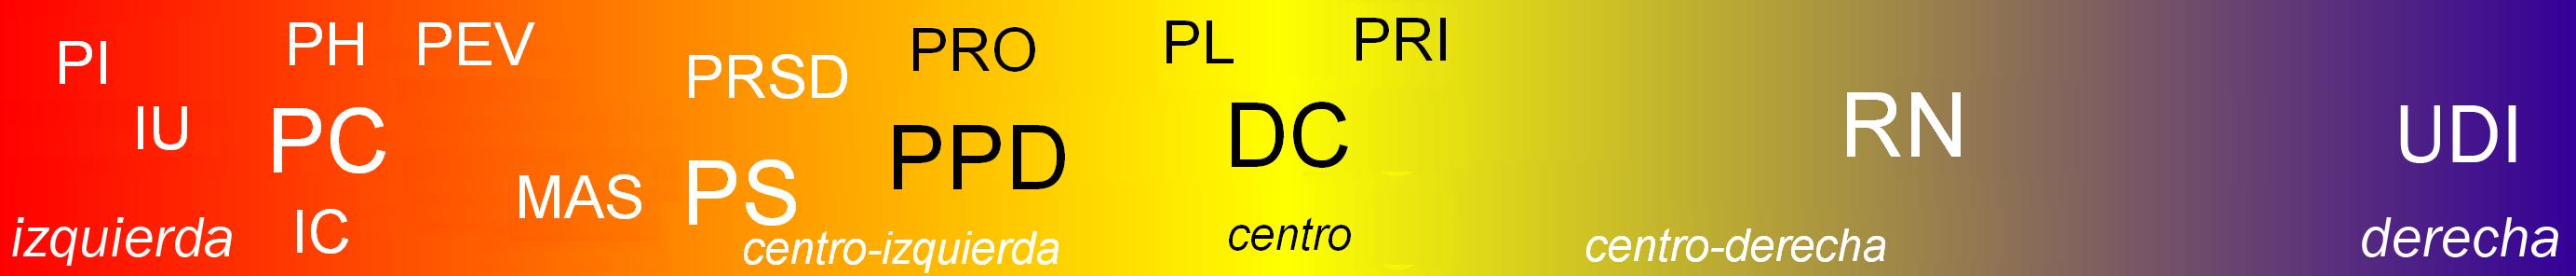 ... de partidos políticos en Chile para las elecciones presidenciales de